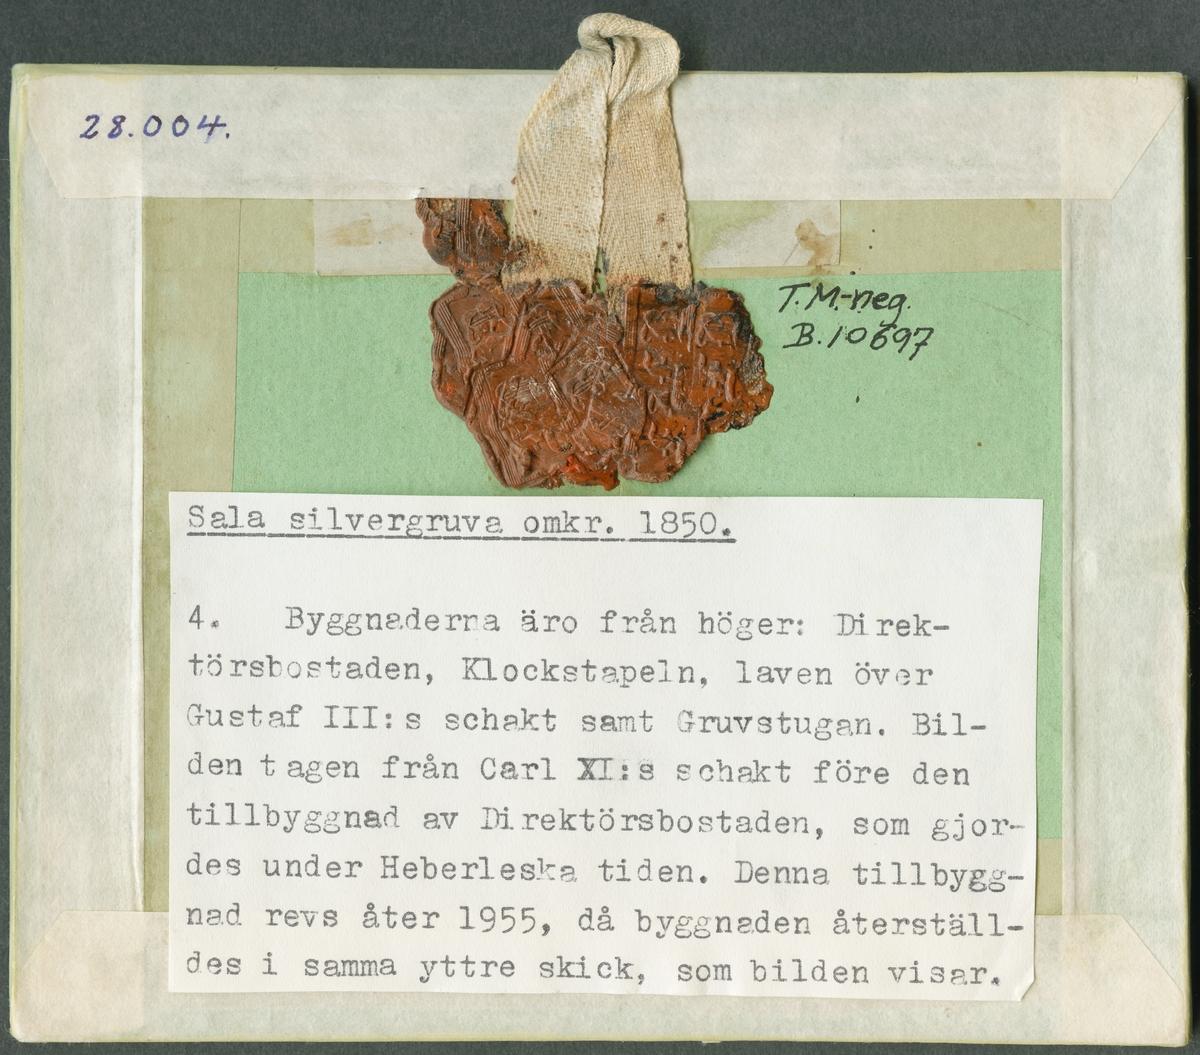 Baksidan av daguerreotyp. Byggnaderna är från höger: Direktörsbostaden, Klockstapeln, laven över Gustaf III:s schakt  samt Gruvstugan. Bilden tagen från Carl XI:s schakt före den tillbyggnad av Direktörsbostaden, som gjordes under Heberleska tiden. Denna tillbyggnad revs åter 1955, då byggnaden återställldes i samma yttre skick, som bilden visar.